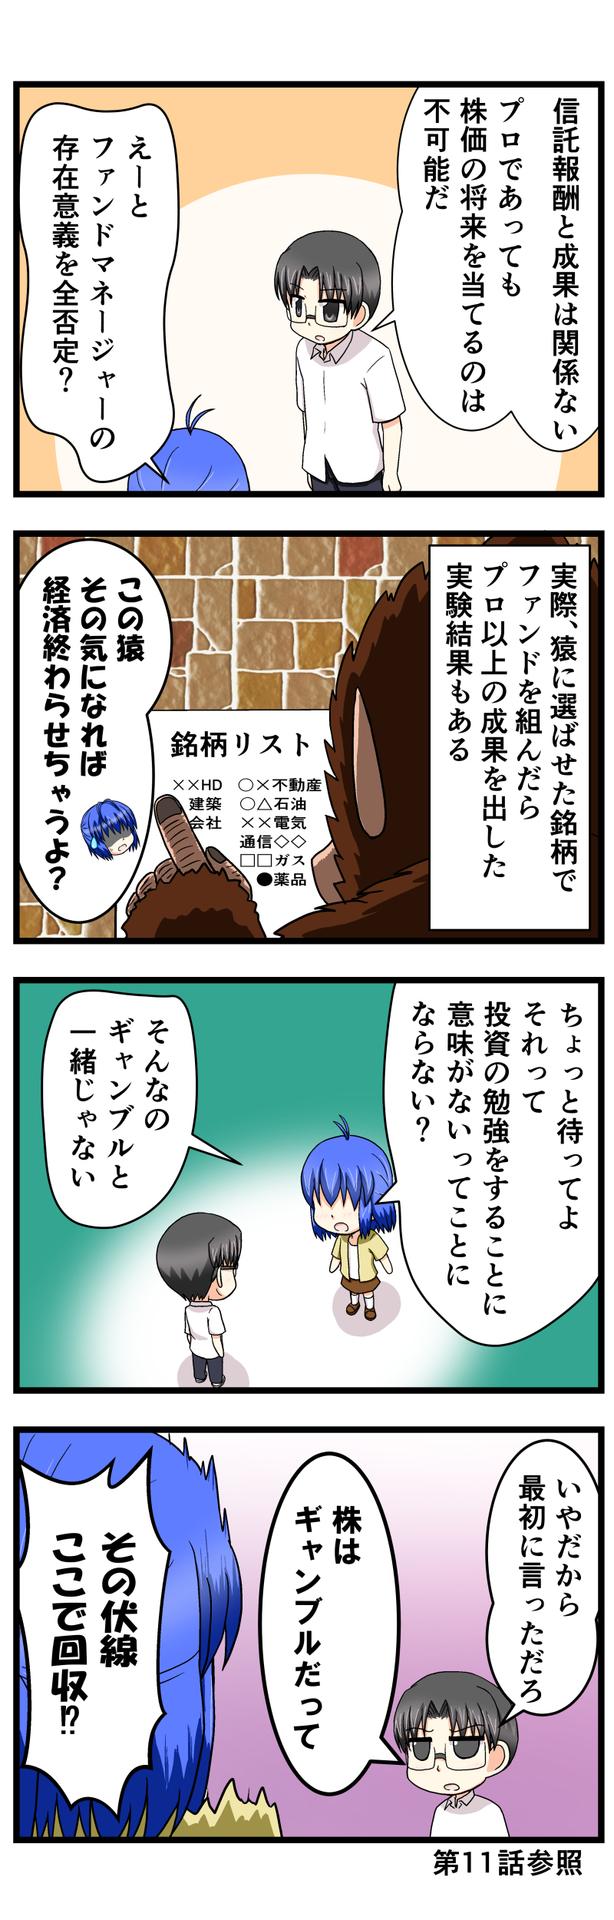 萌える株セミナー97.jpg